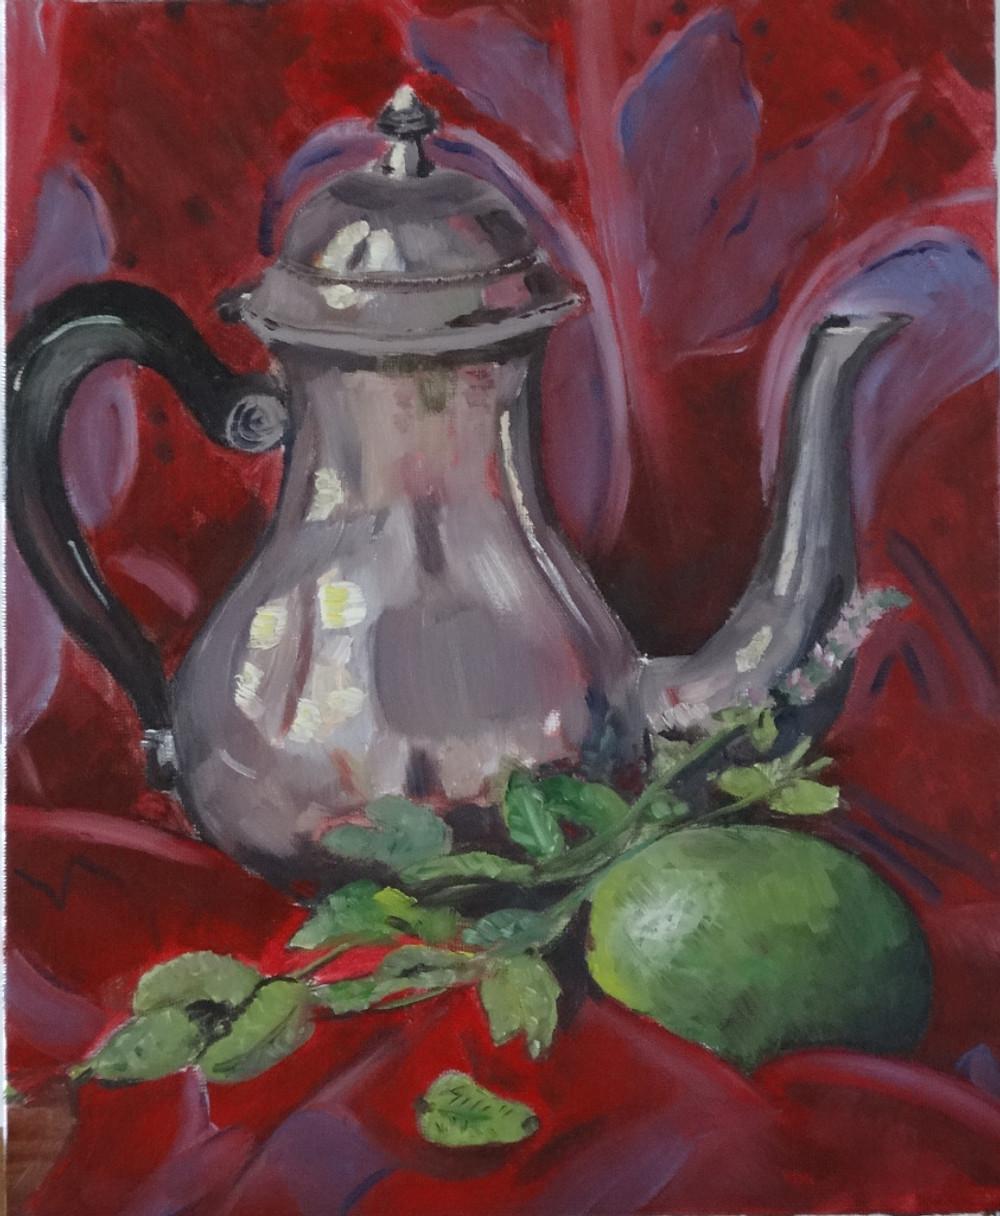 16/08/2014 : Le thé à la menthe - Huile sur toile 24 x 30 cm